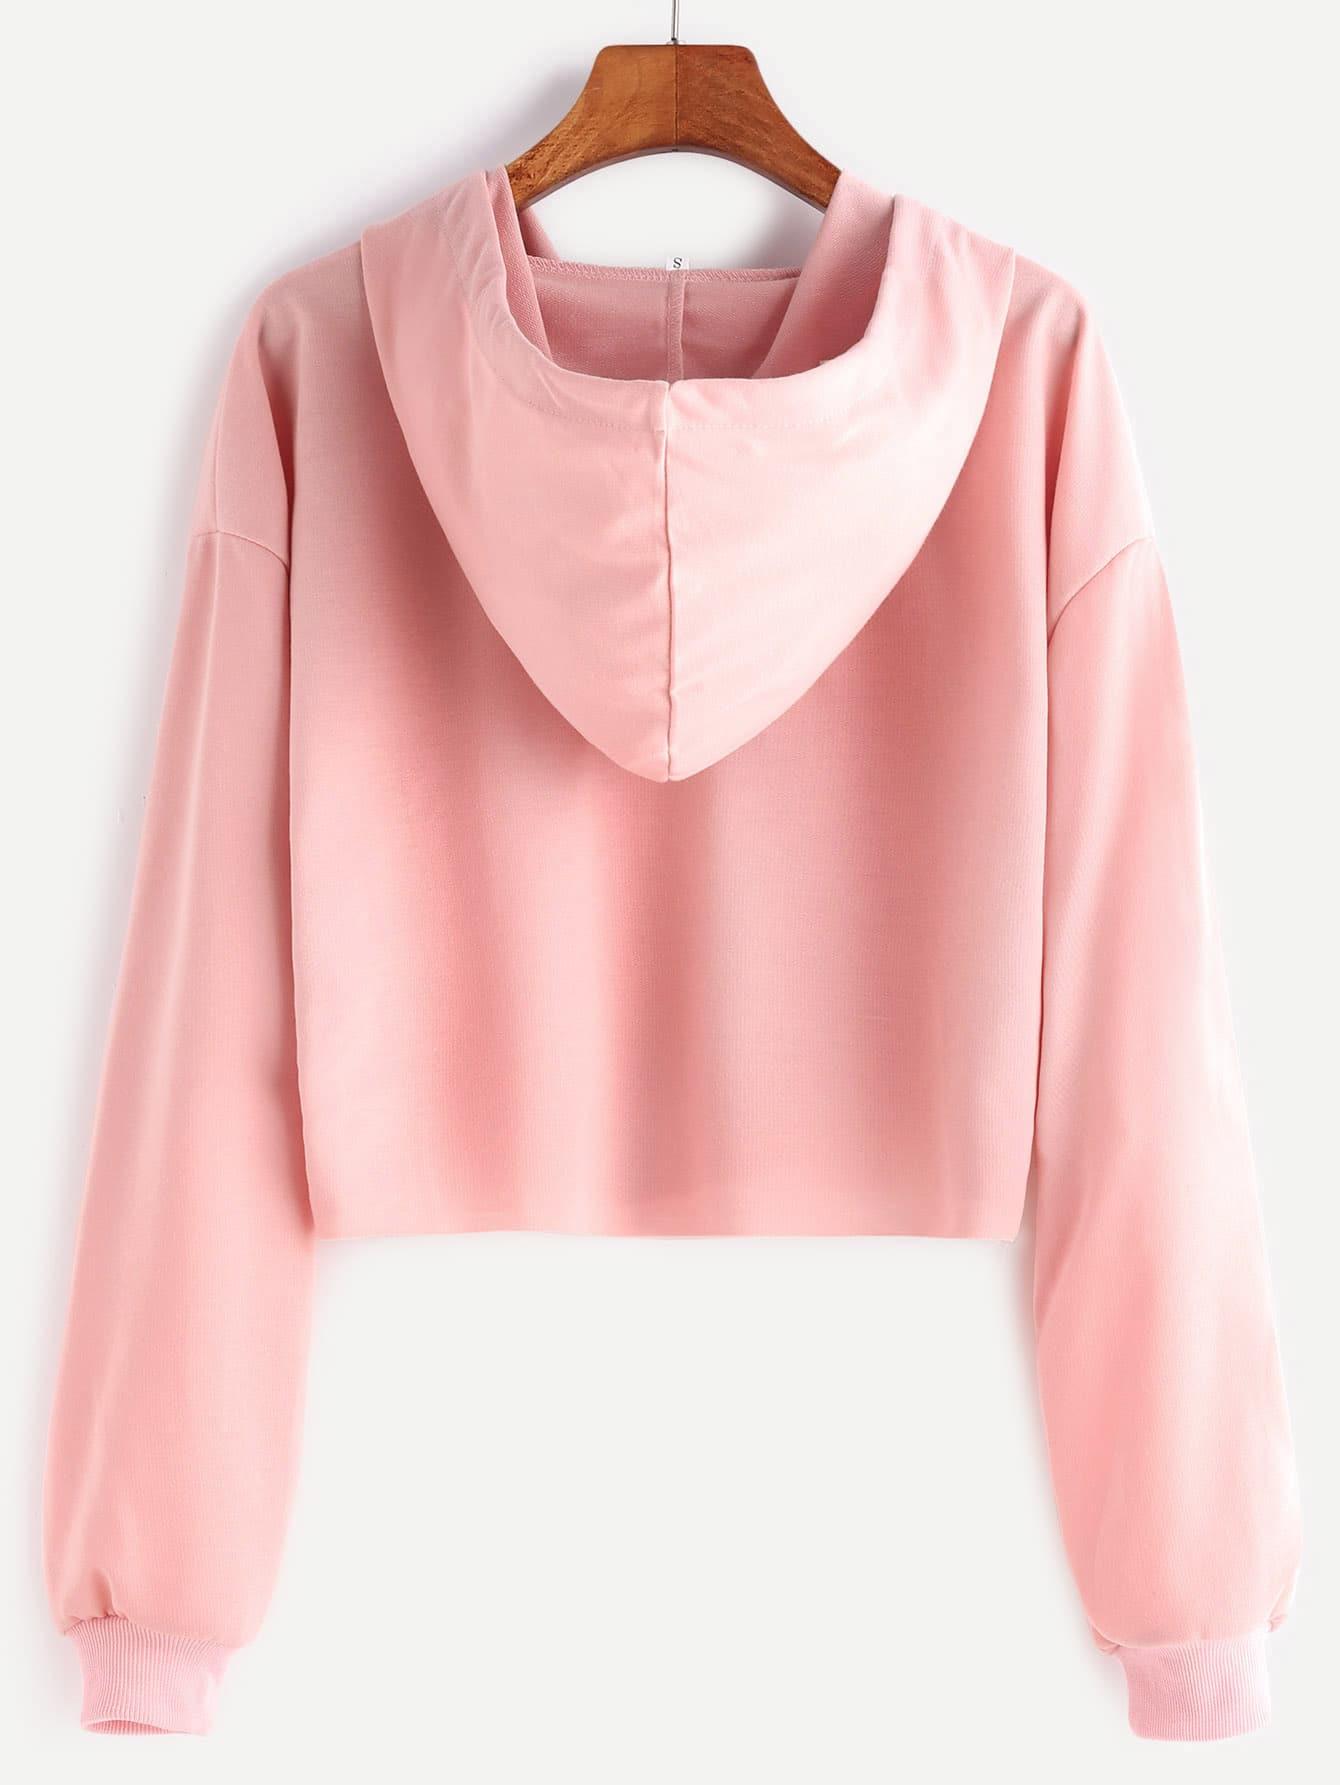 sweatshirt161205101_2